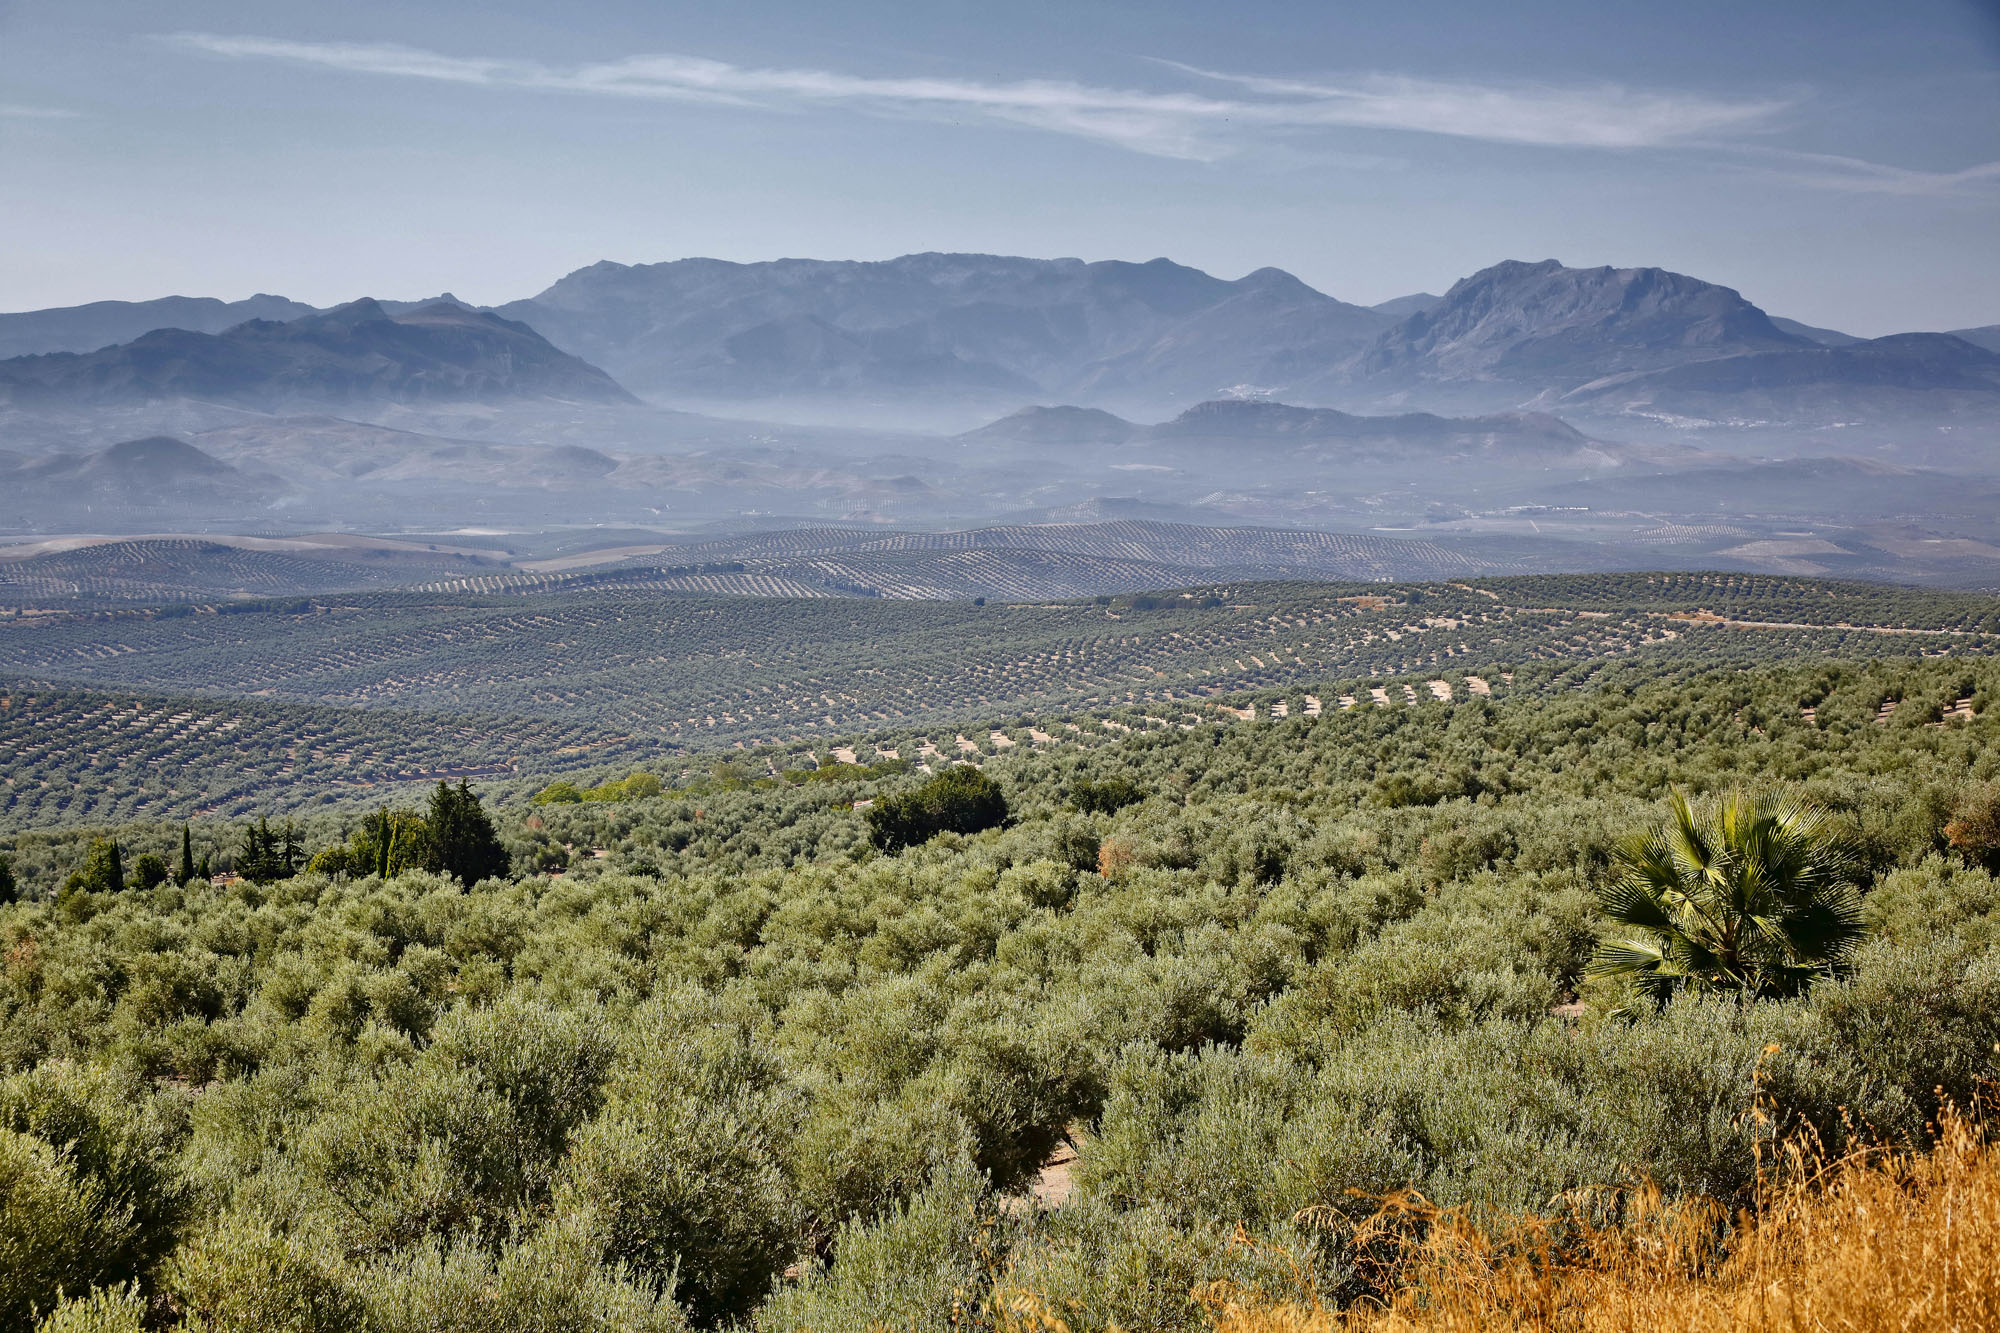 Los campos de olivos rodean Úbeda.